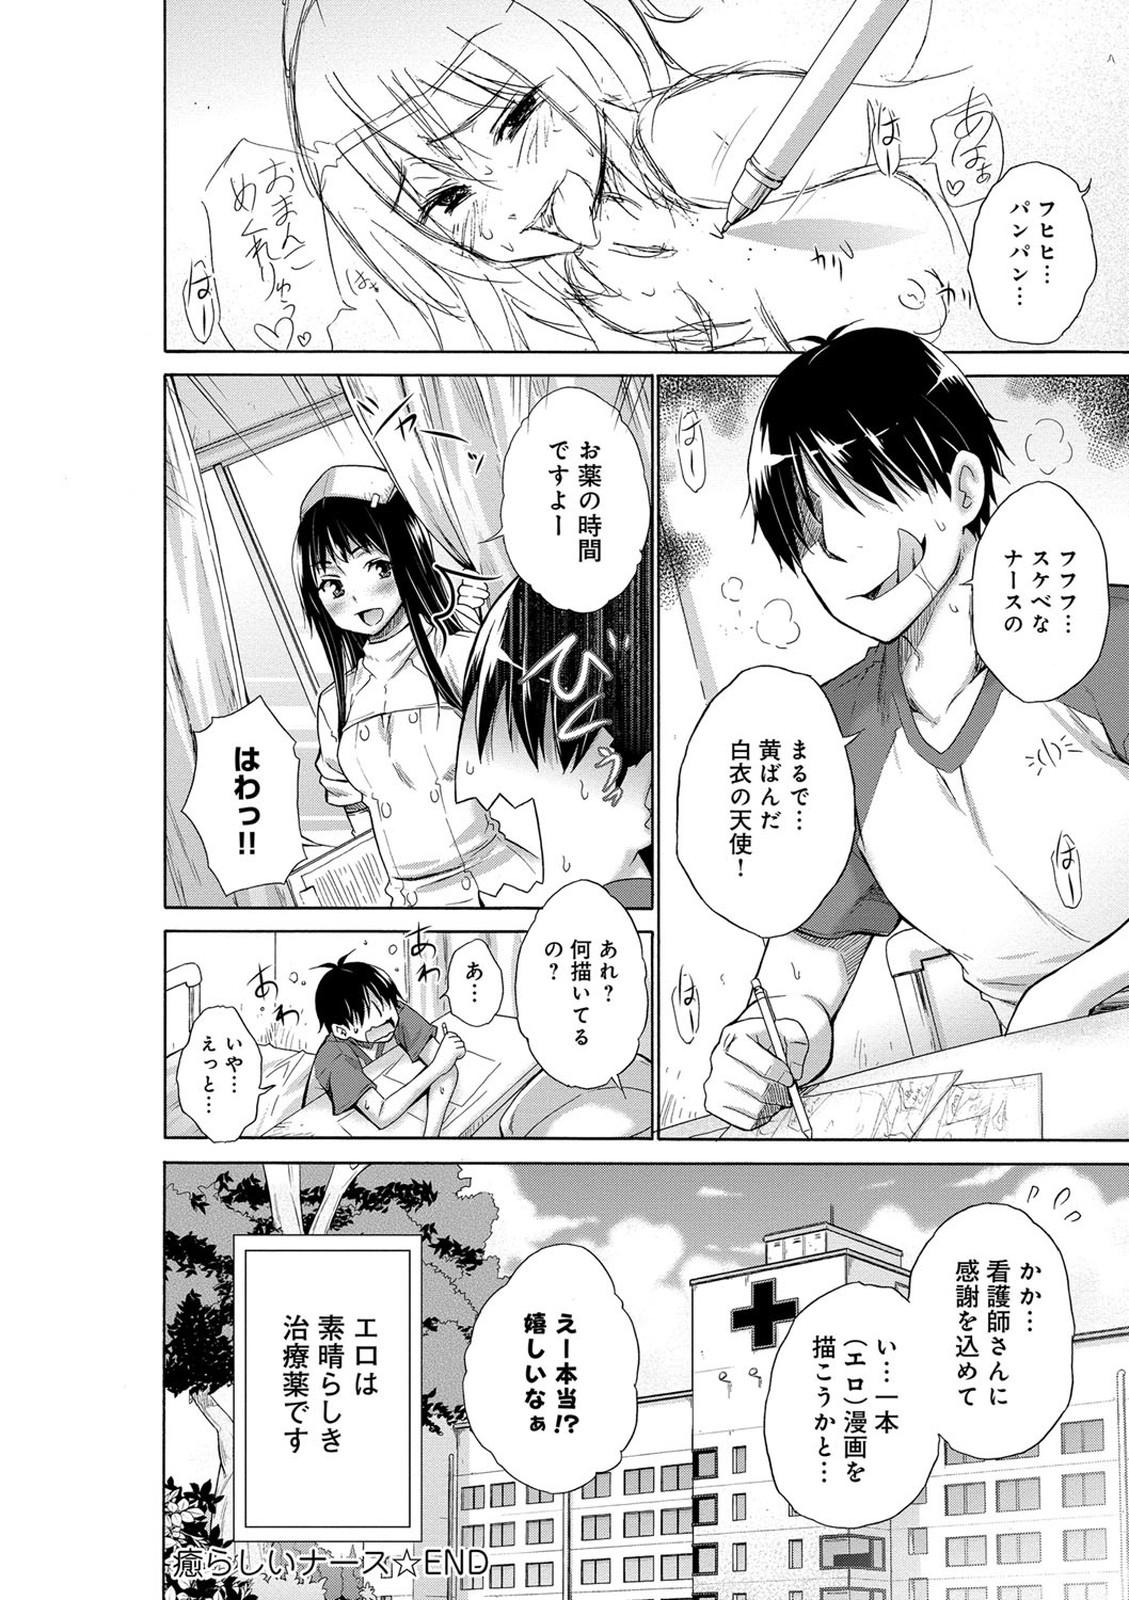 【エロ漫画】巨根の入院患者がビッチナースたちをチ○ポで手なずけハメ放題www